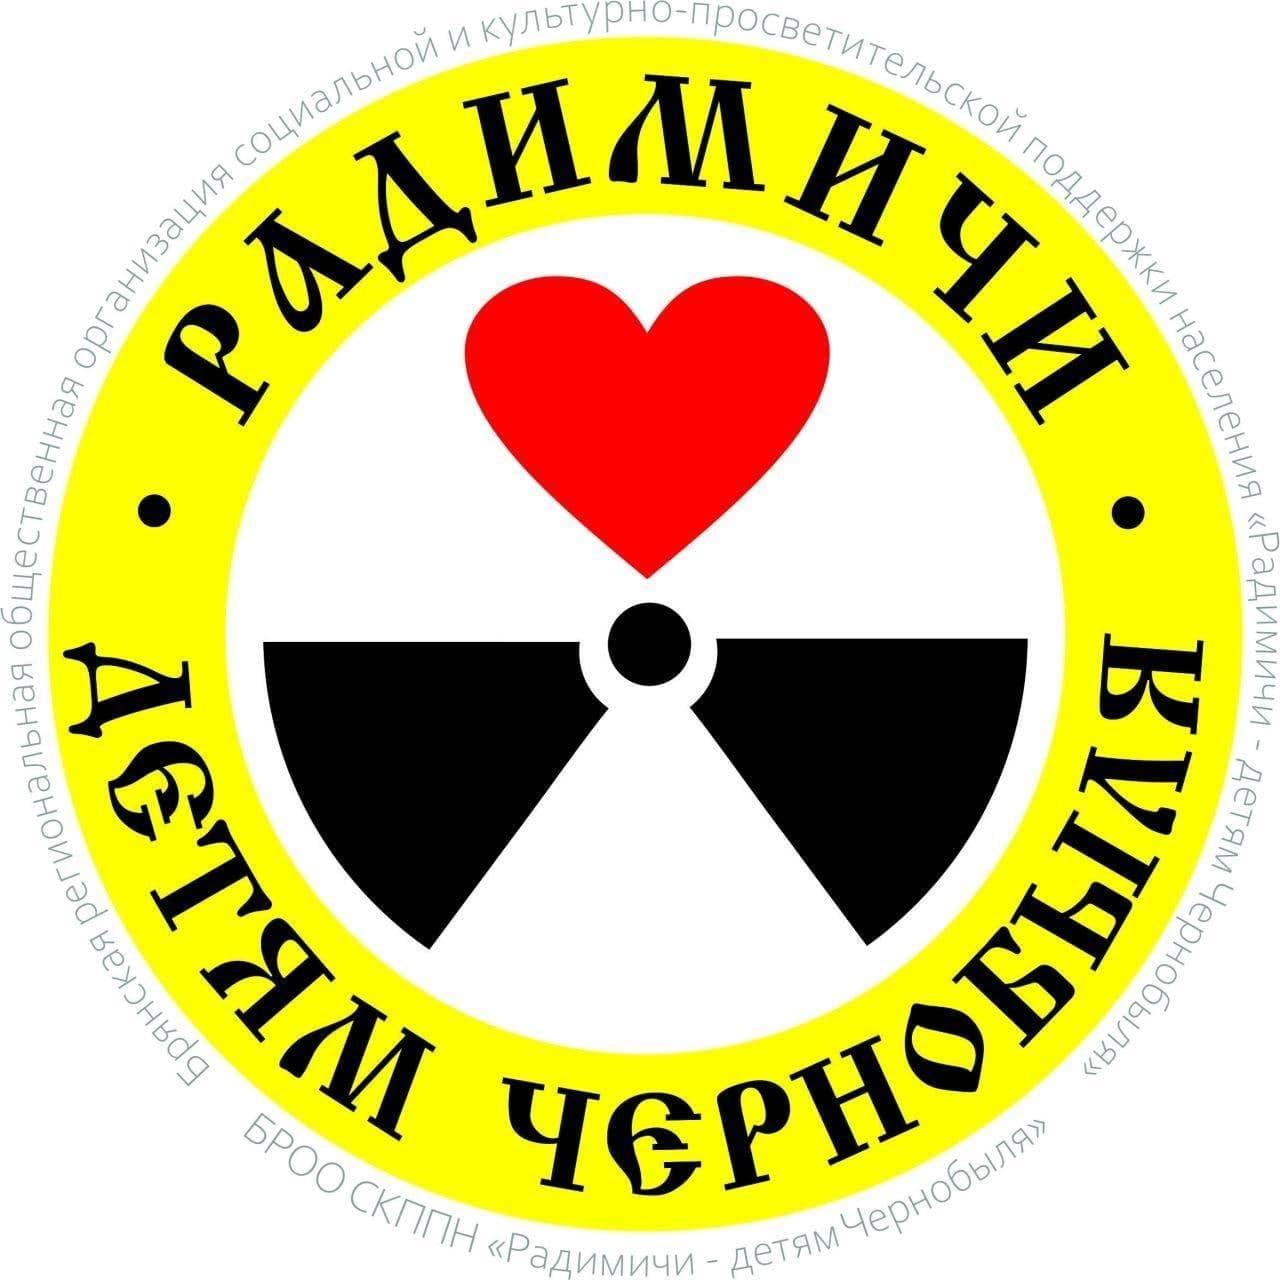 Обучение волонтеров Добровольческой службы «Радимичи»